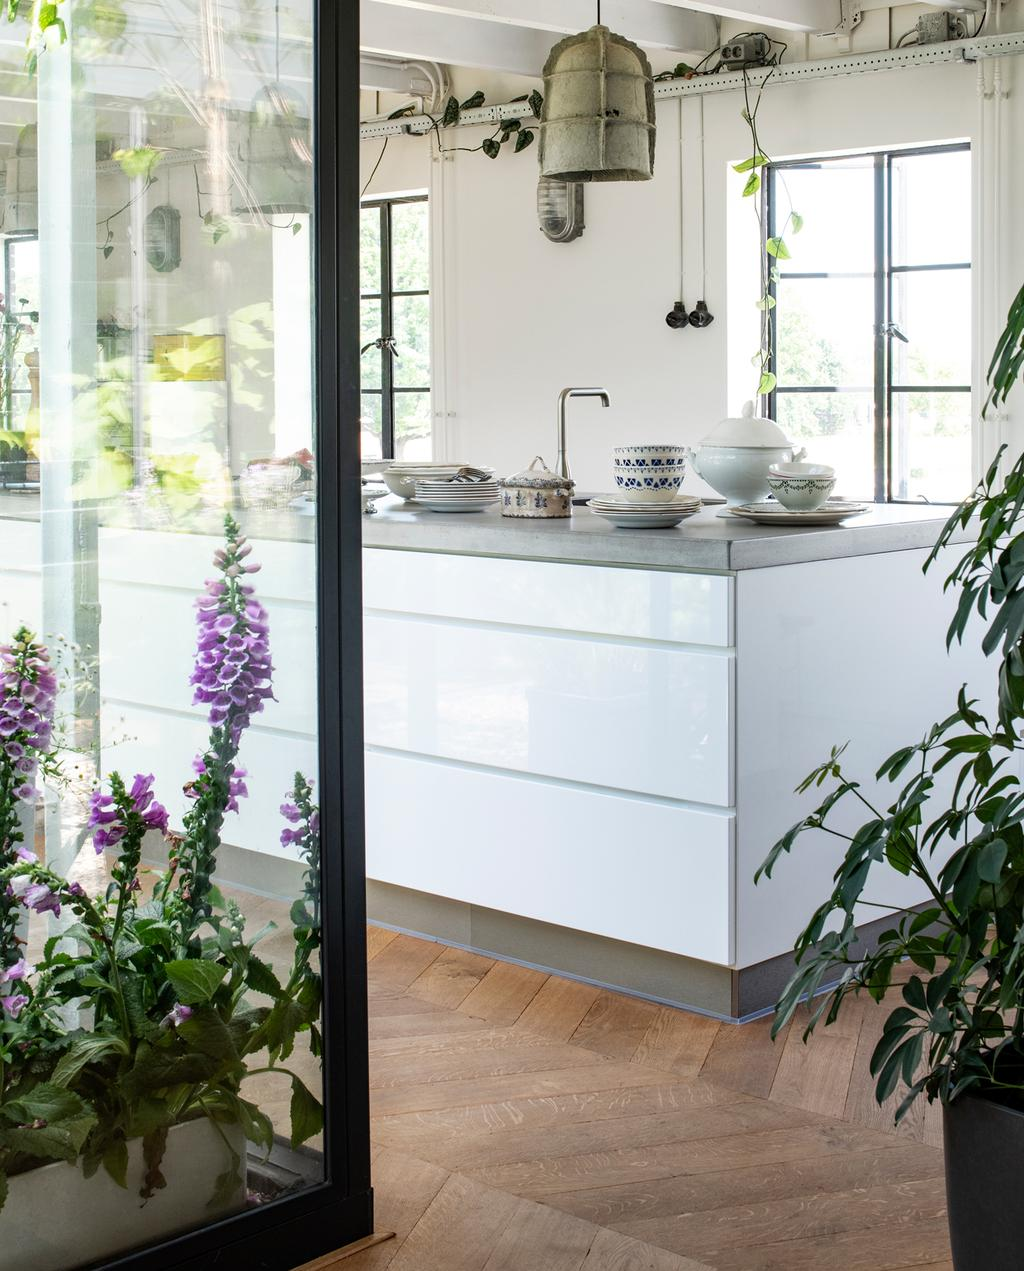 vtwonen binnenkijken special 2019 | keuken uitzicht op binnentuin